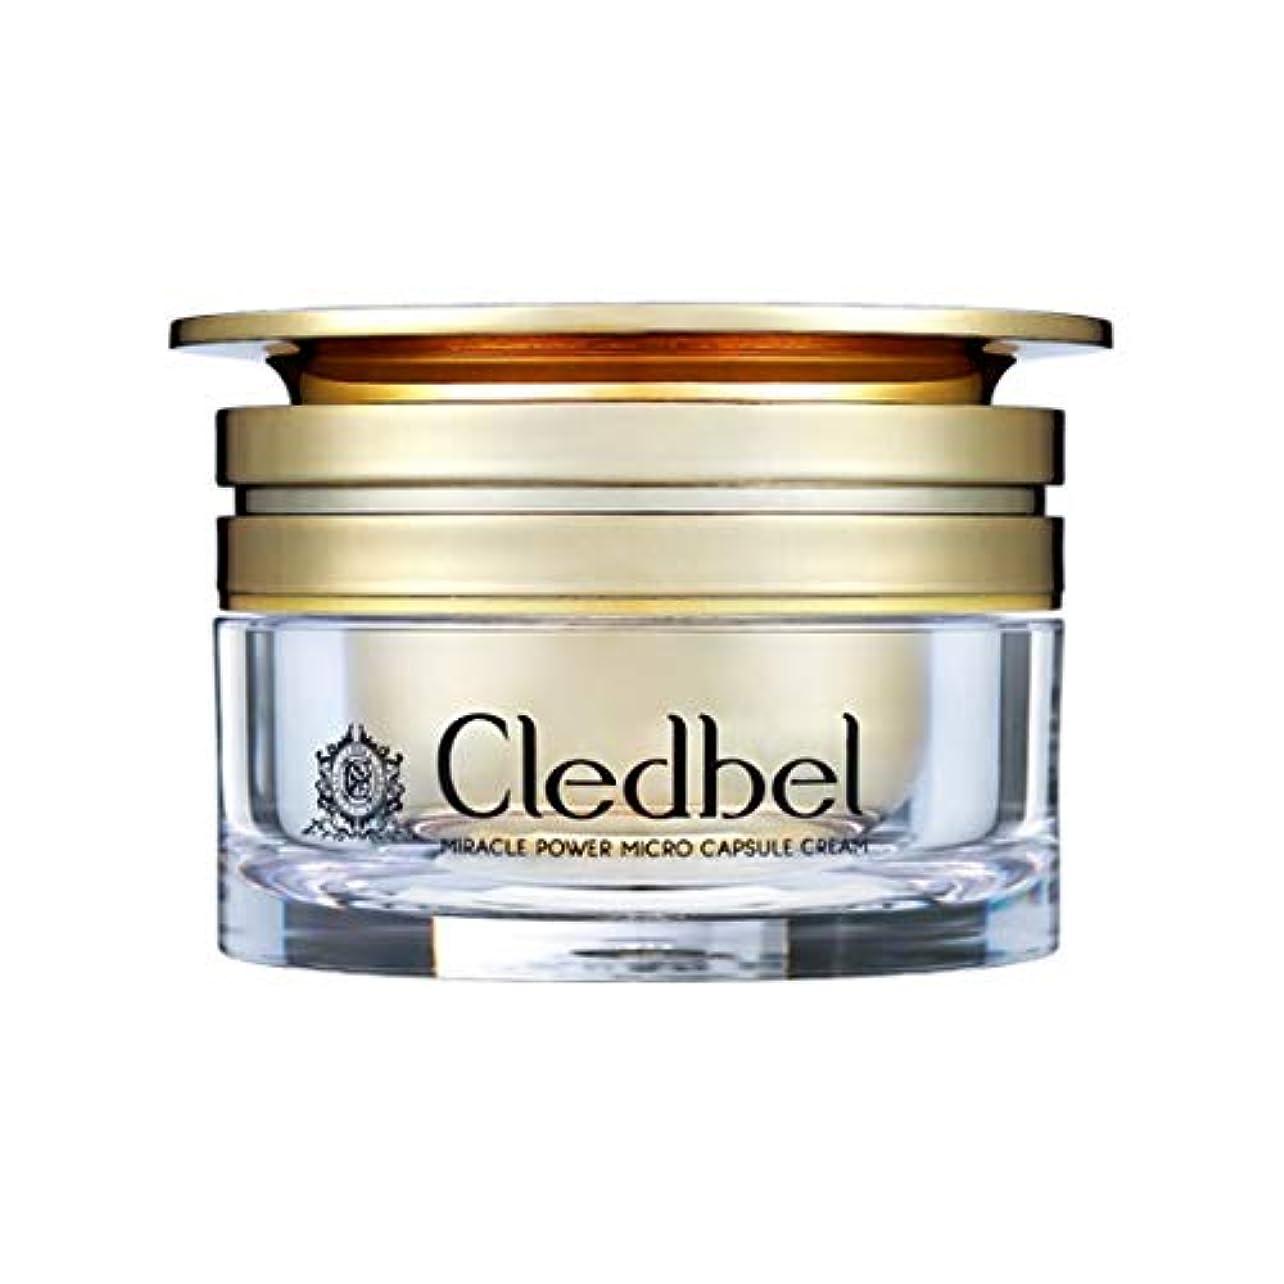 運動する不従順[cledbel] Miracle Power Micro Capsule Cream 50ml / ミラクルパワーマイクロカプセルクリーム 50ml [並行輸入品]